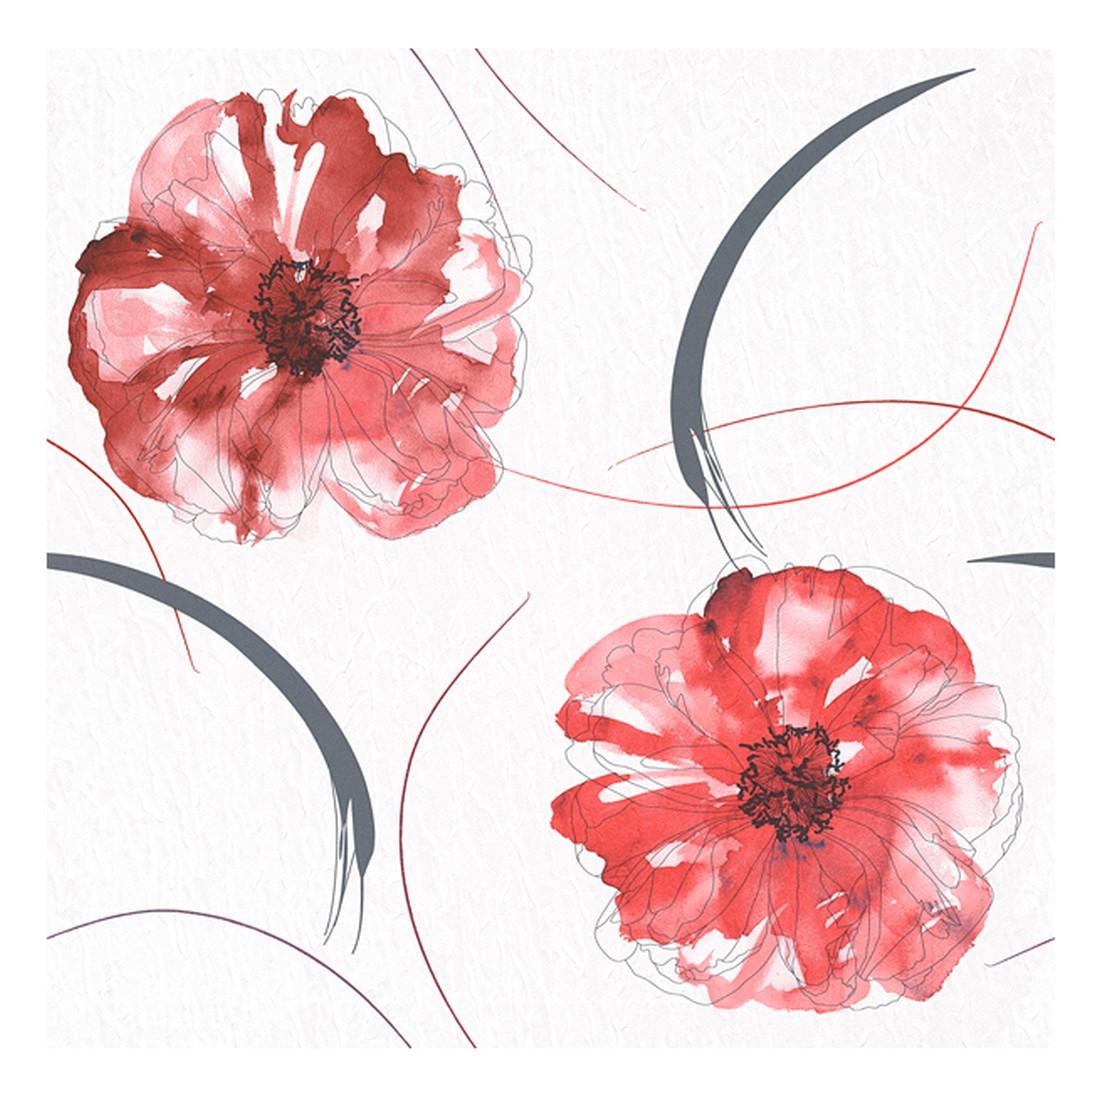 Papiertapete Aquarelle – weiß, rot, schwarz, basaltgrau, glänzend – glatt, Home24Deko günstig bestellen